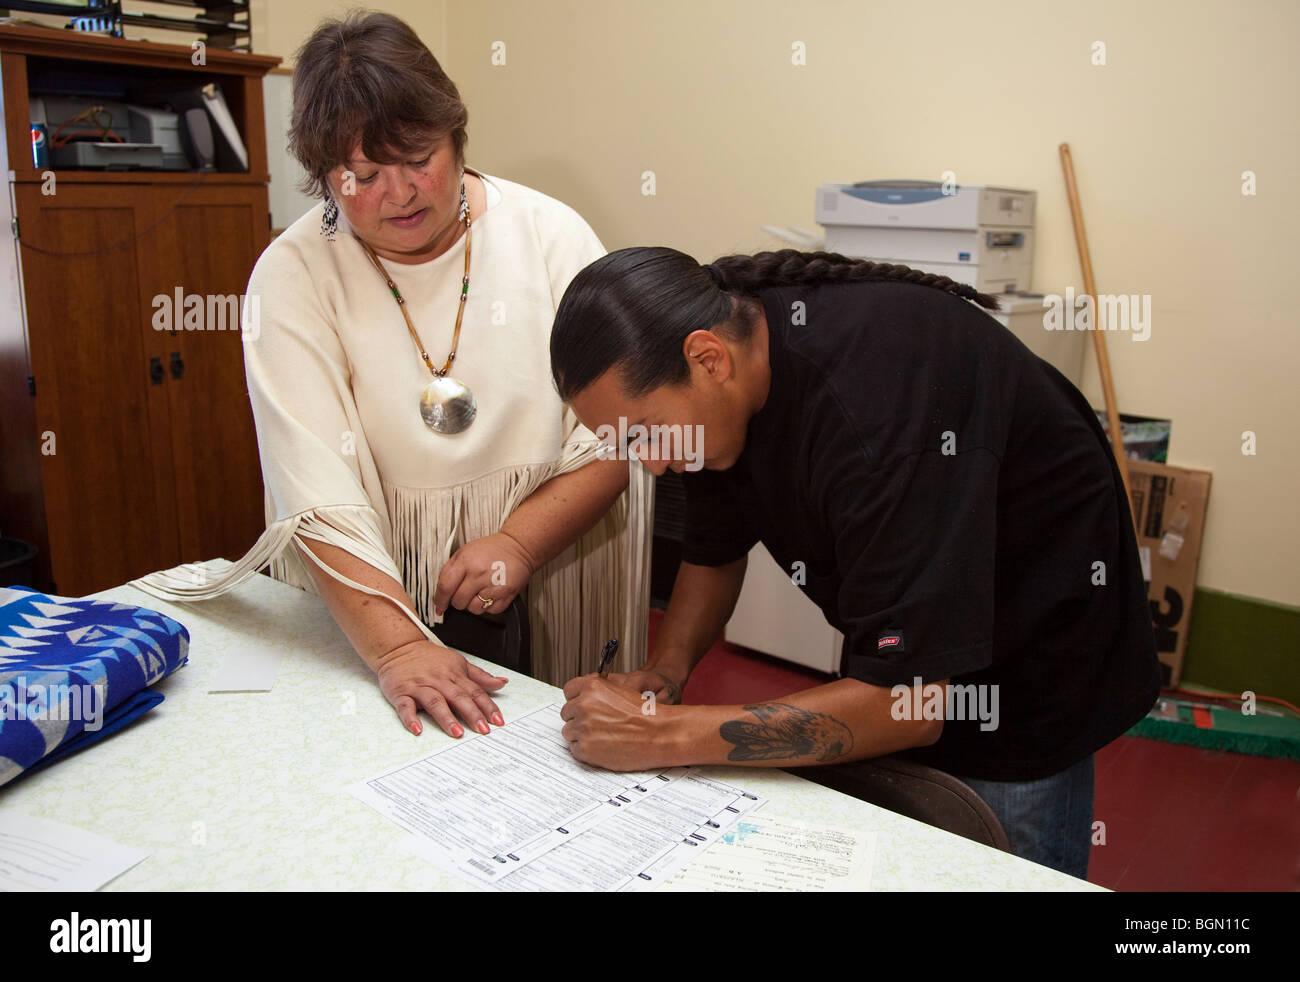 Hombre Americano Nativo signos papeleo y documentos en una oficina. Imagen  De Stock 826a65b900d